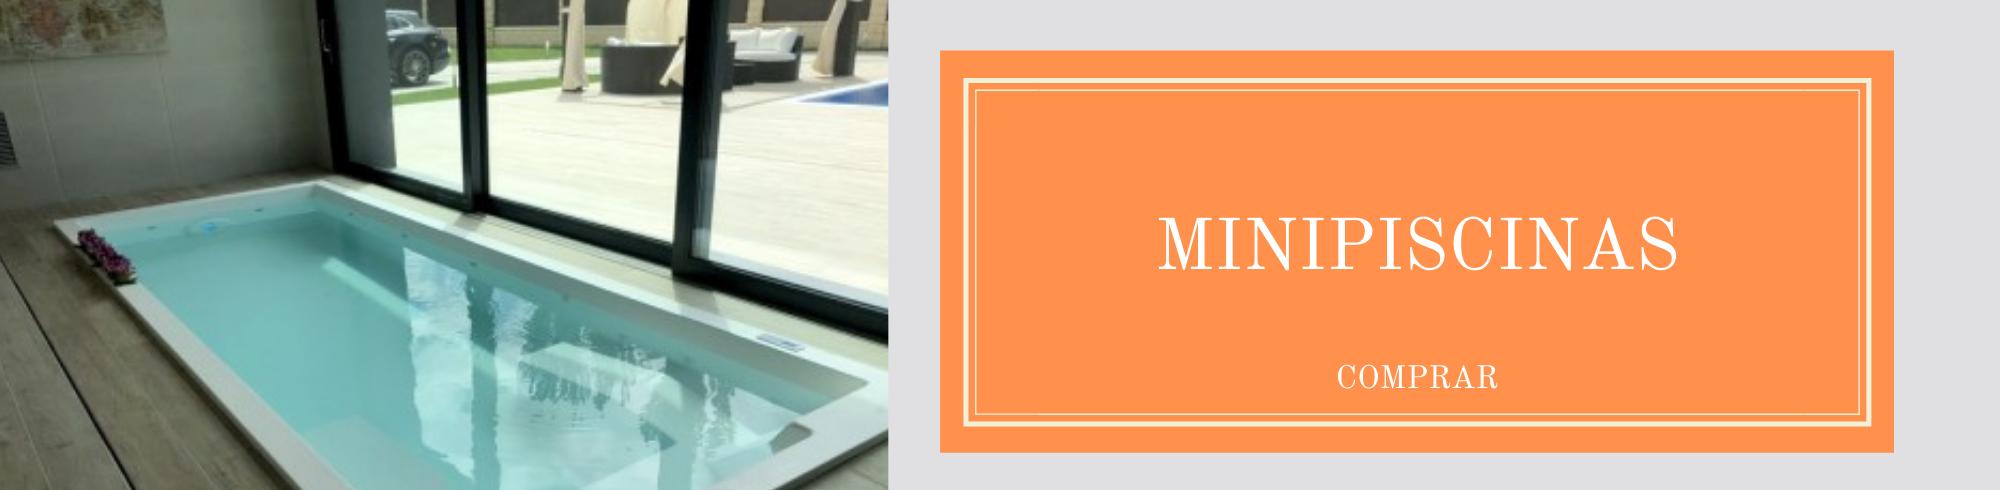 minipiscinas - todo sobre las minipiscinas